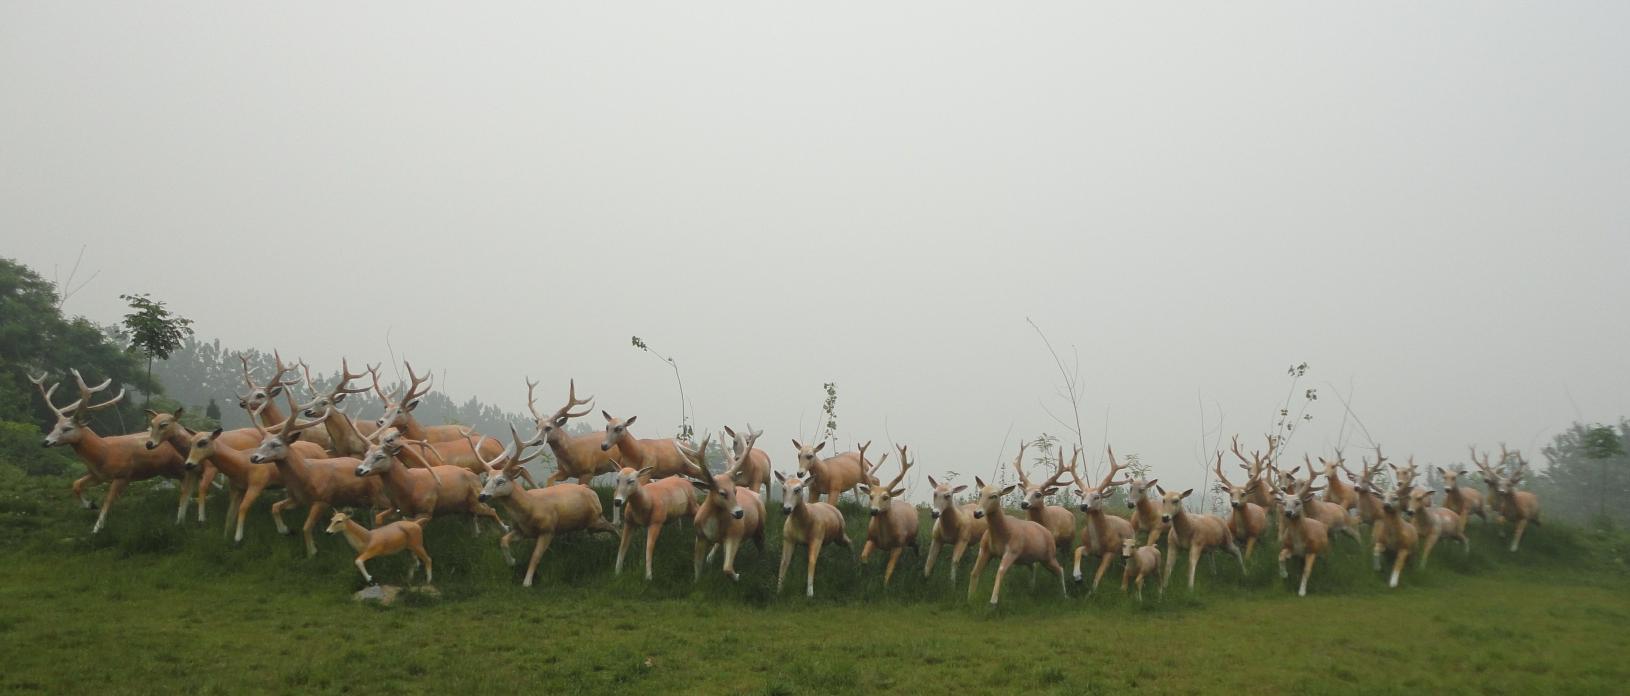 鹿群不锈钢雕塑